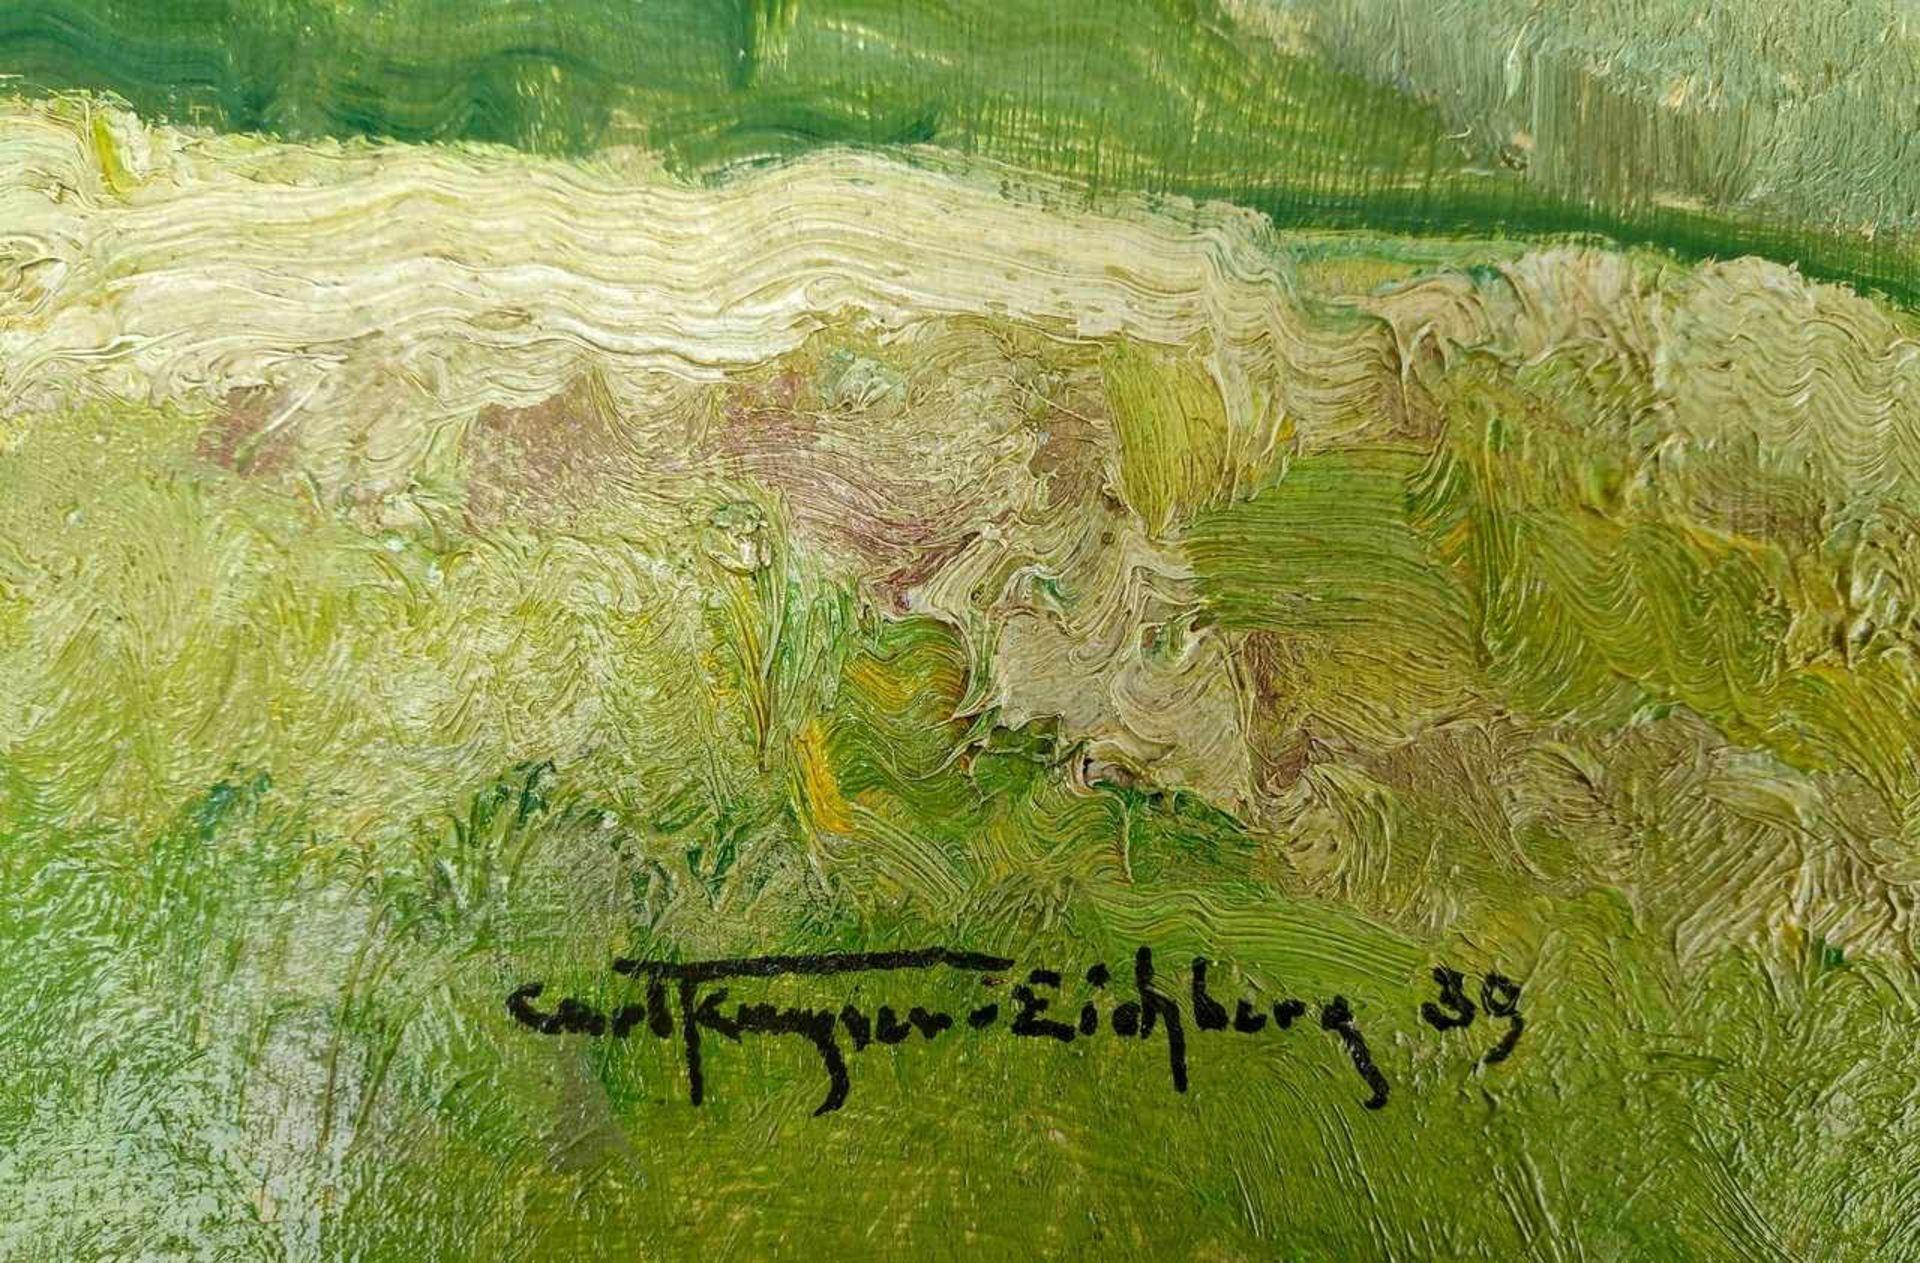 Kayser-Eichberg, Carl (1873 Eichberg in Schlesien - 1964 Potsdam) - Bild 3 aus 9